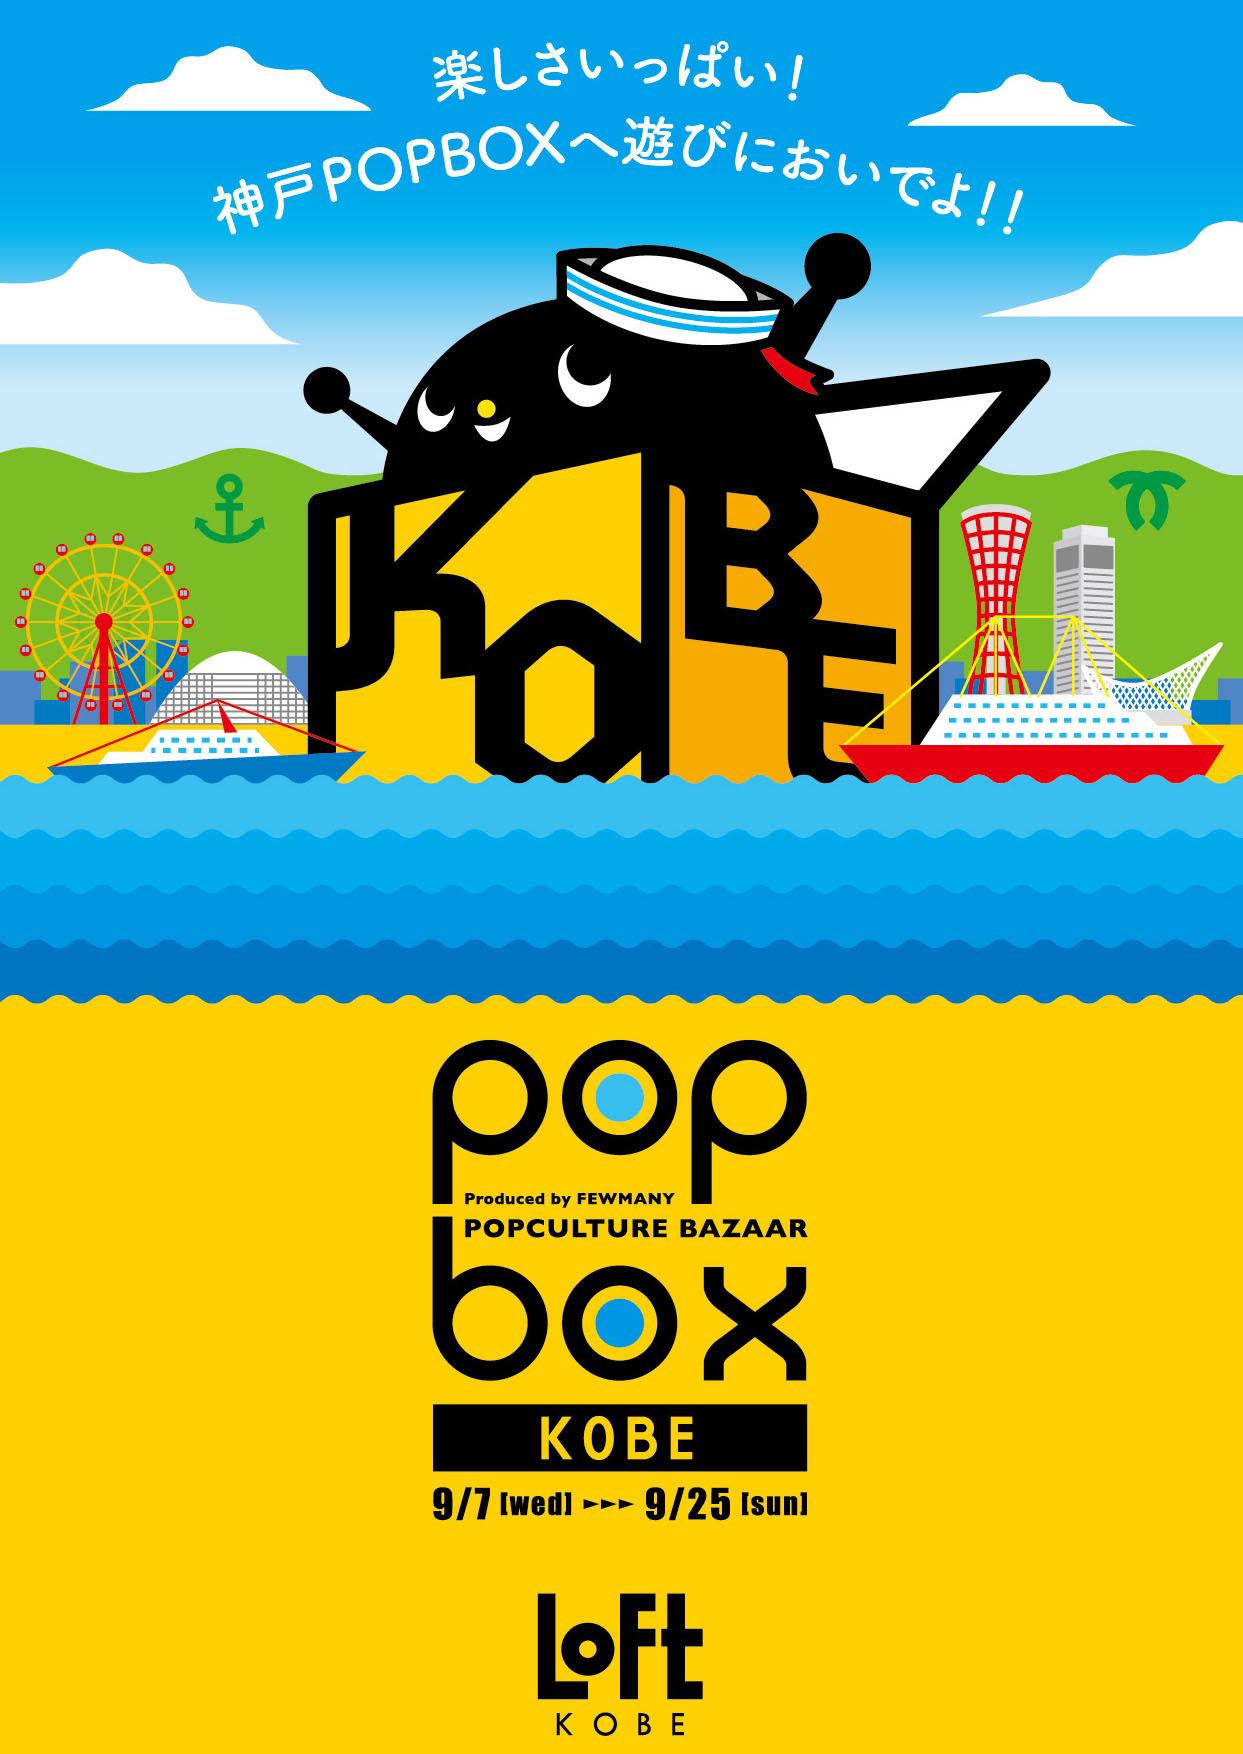 KOBE-POPBOX2016